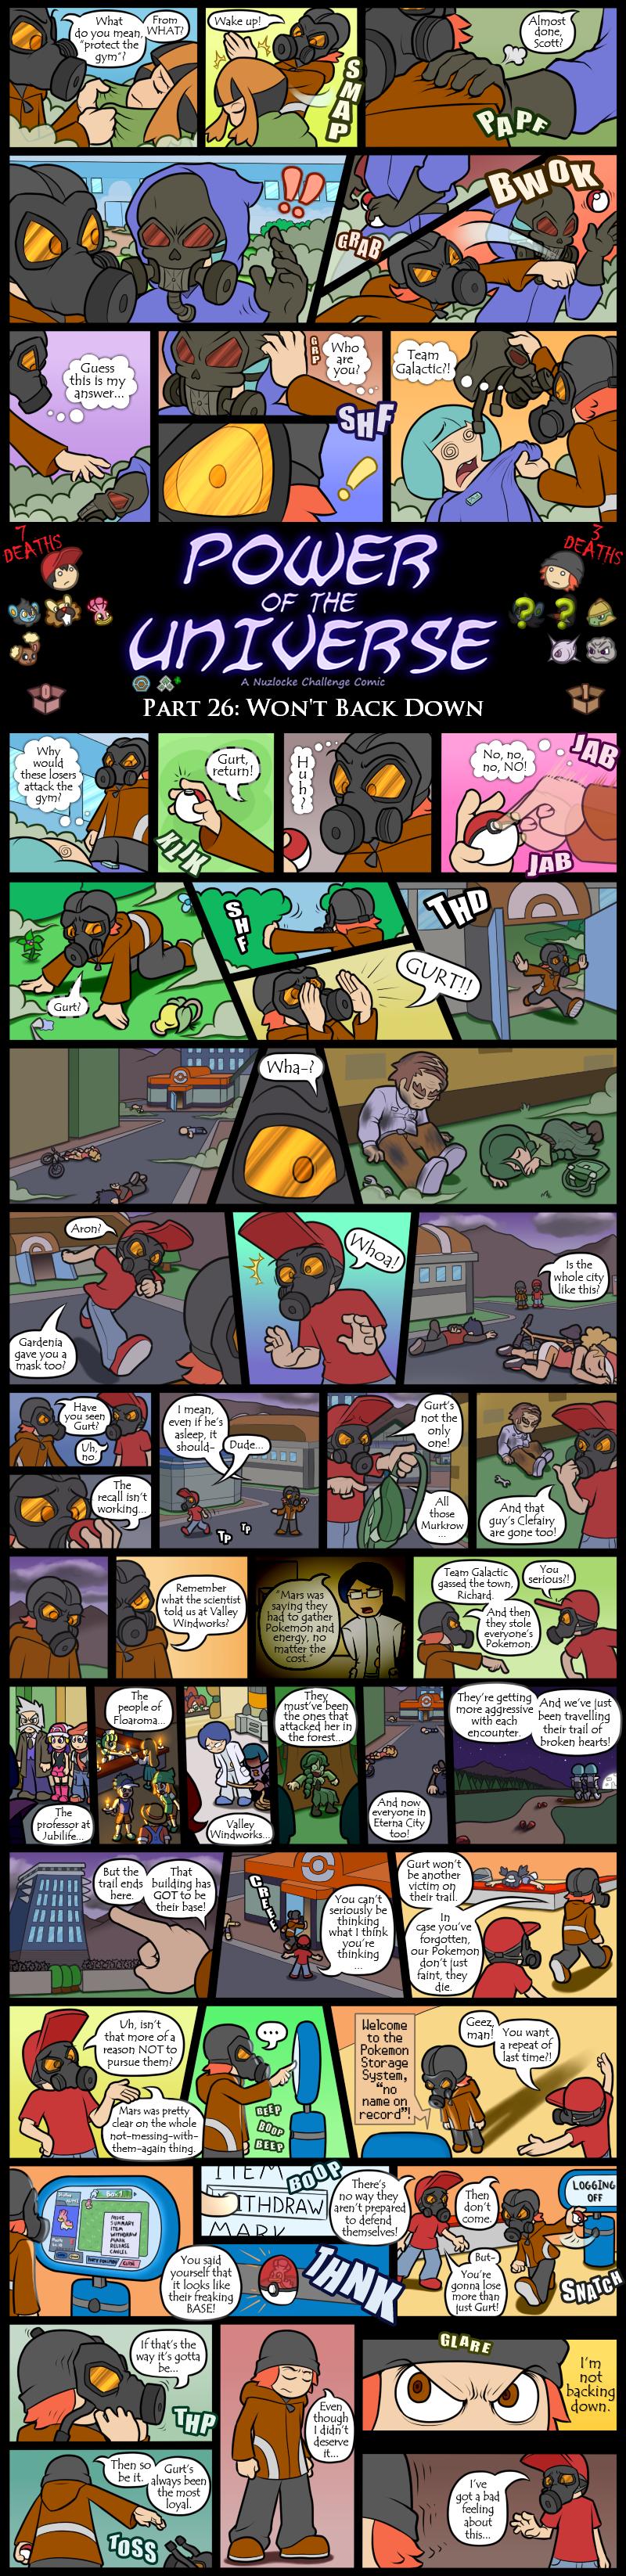 Part 26 - Won't Back Down